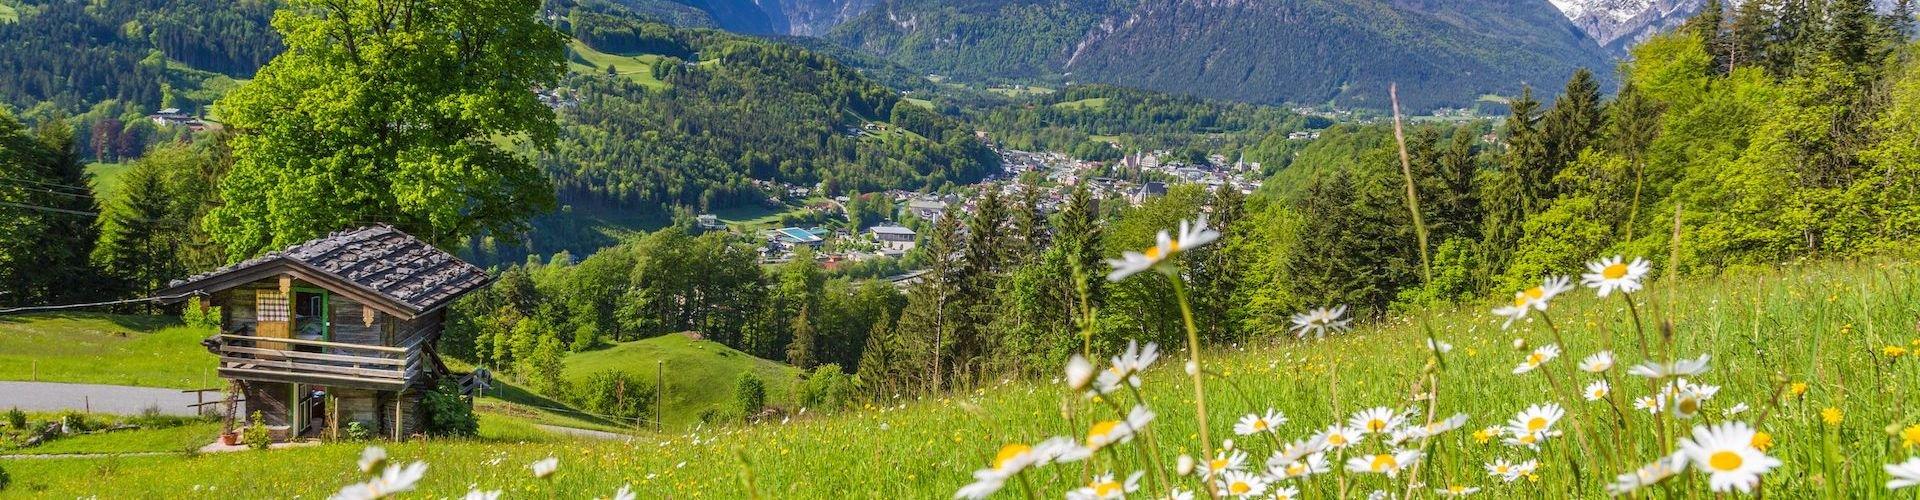 Familienurlaub im Salzburger Land